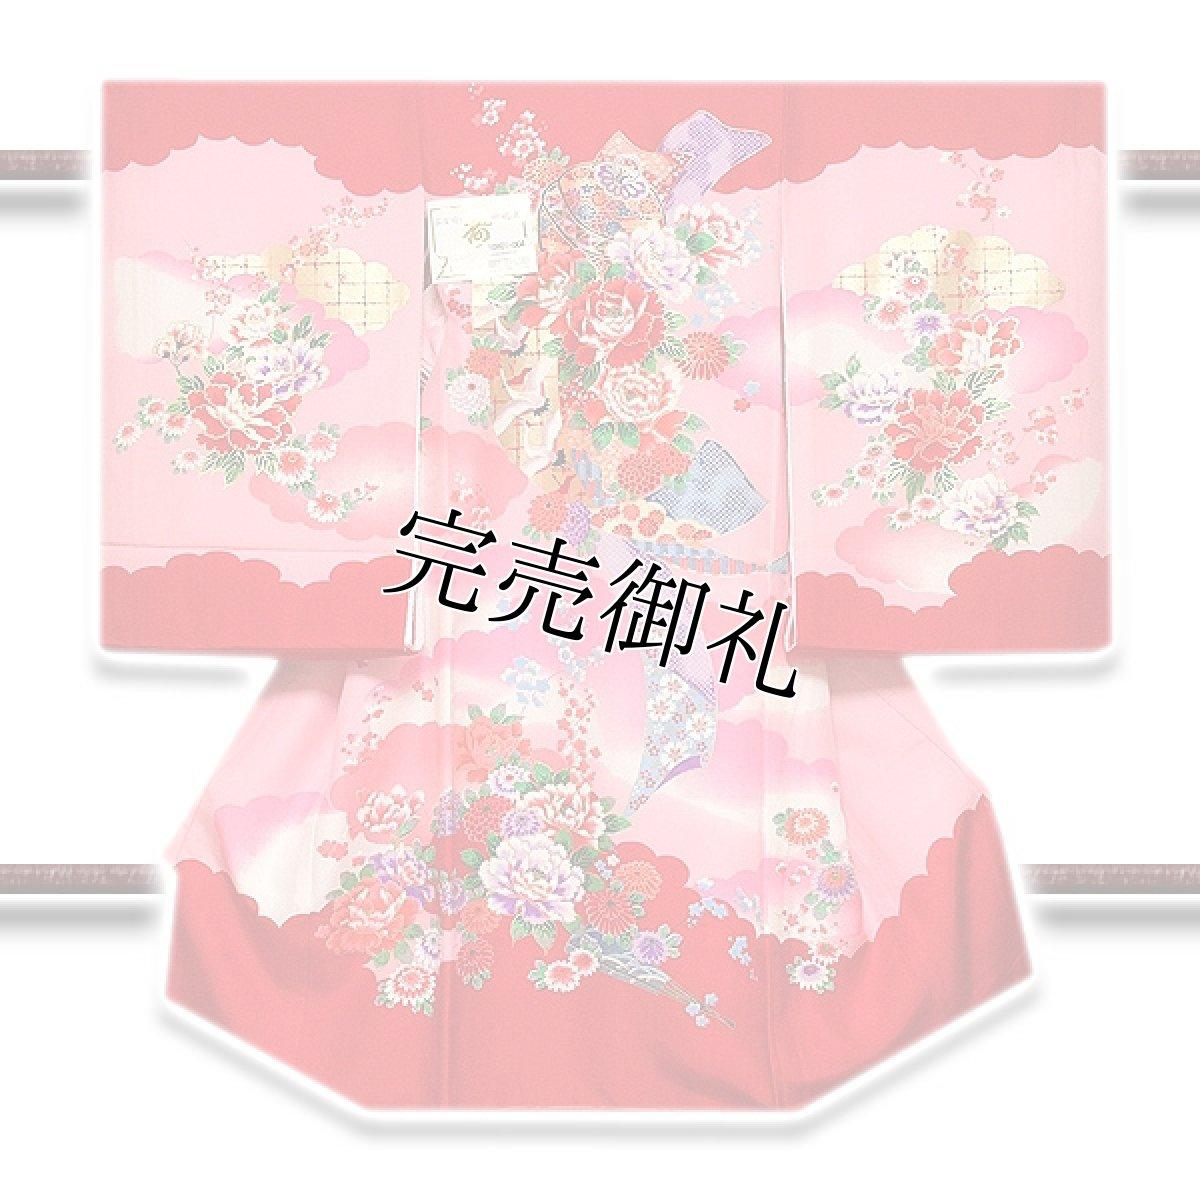 画像1: ■「染め分けボカシ」 金彩加工 飛び鶴 花模様 女児 七五三 お宮参り 正絹 祝着物■ (1)